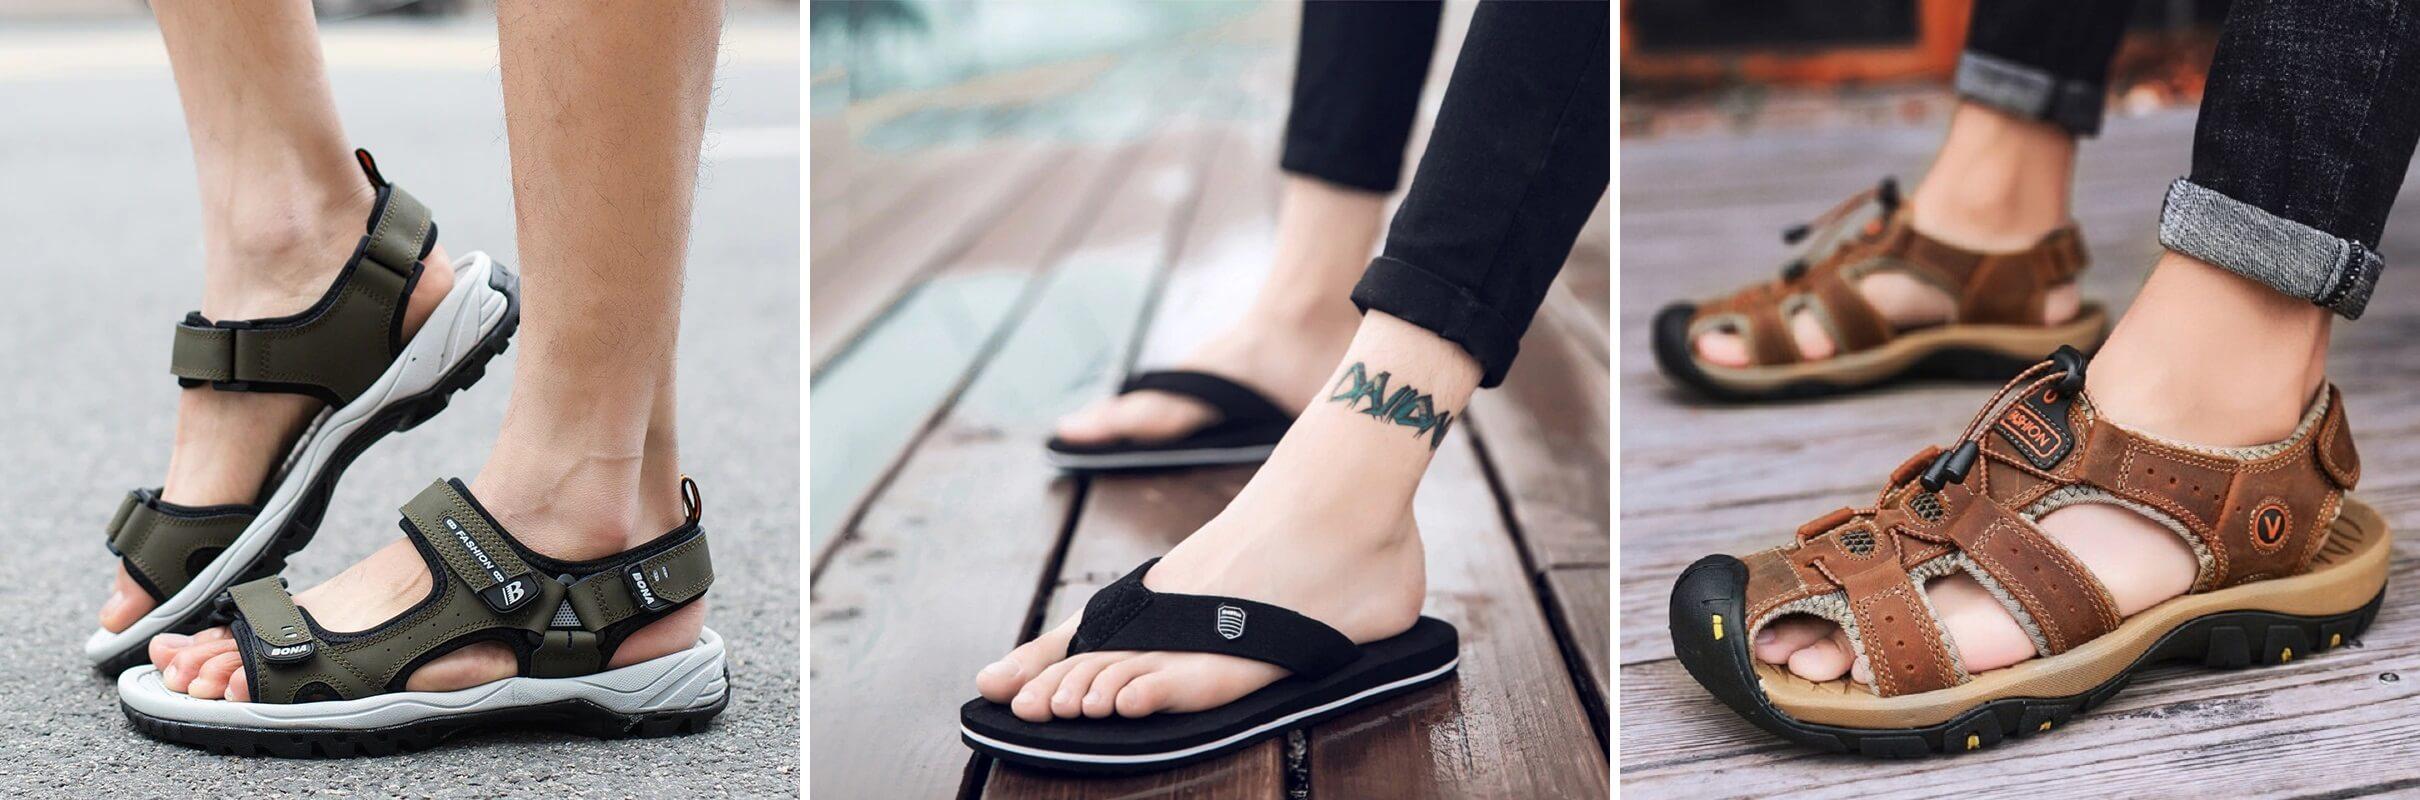 ТОП-10 мужских сандалий и шлёпанцев с Алиэкспресс